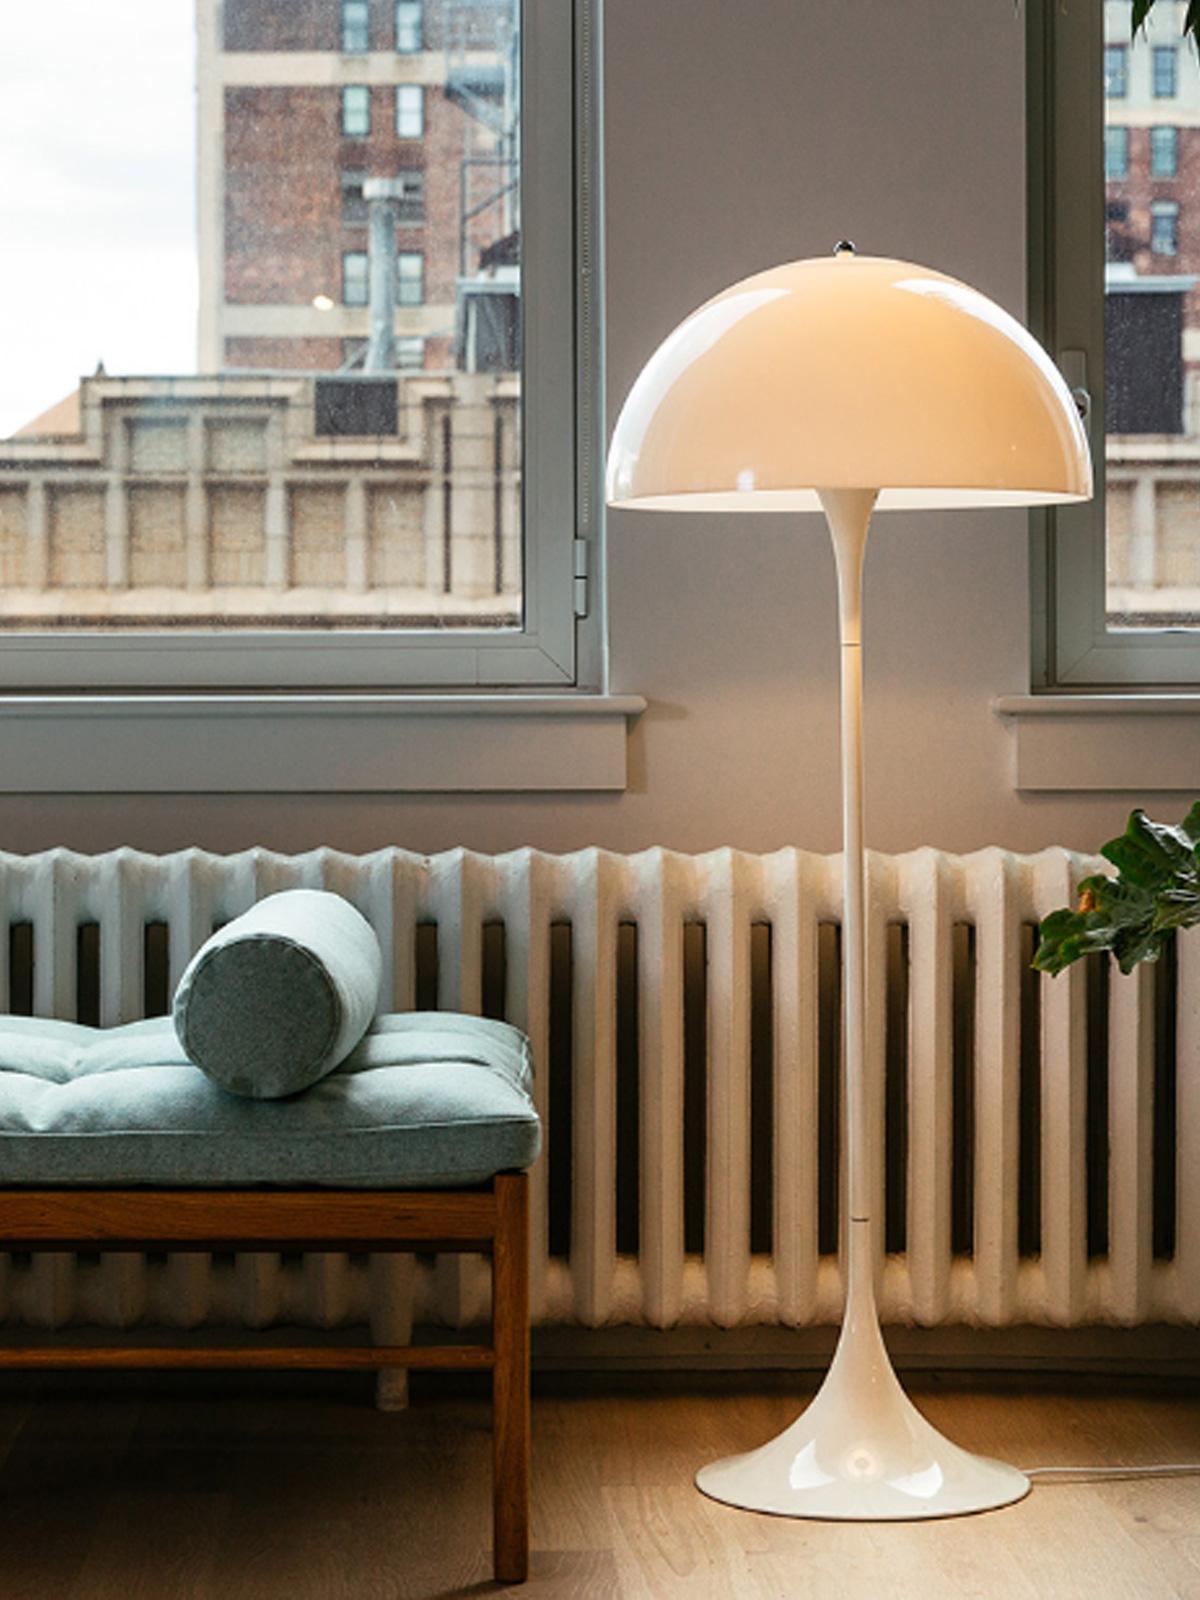 skandinavischer Designklassiker Panthella Stehleuchte Louis Poulsen DesignOrt Onlineshop Licht Leuchten Lampen